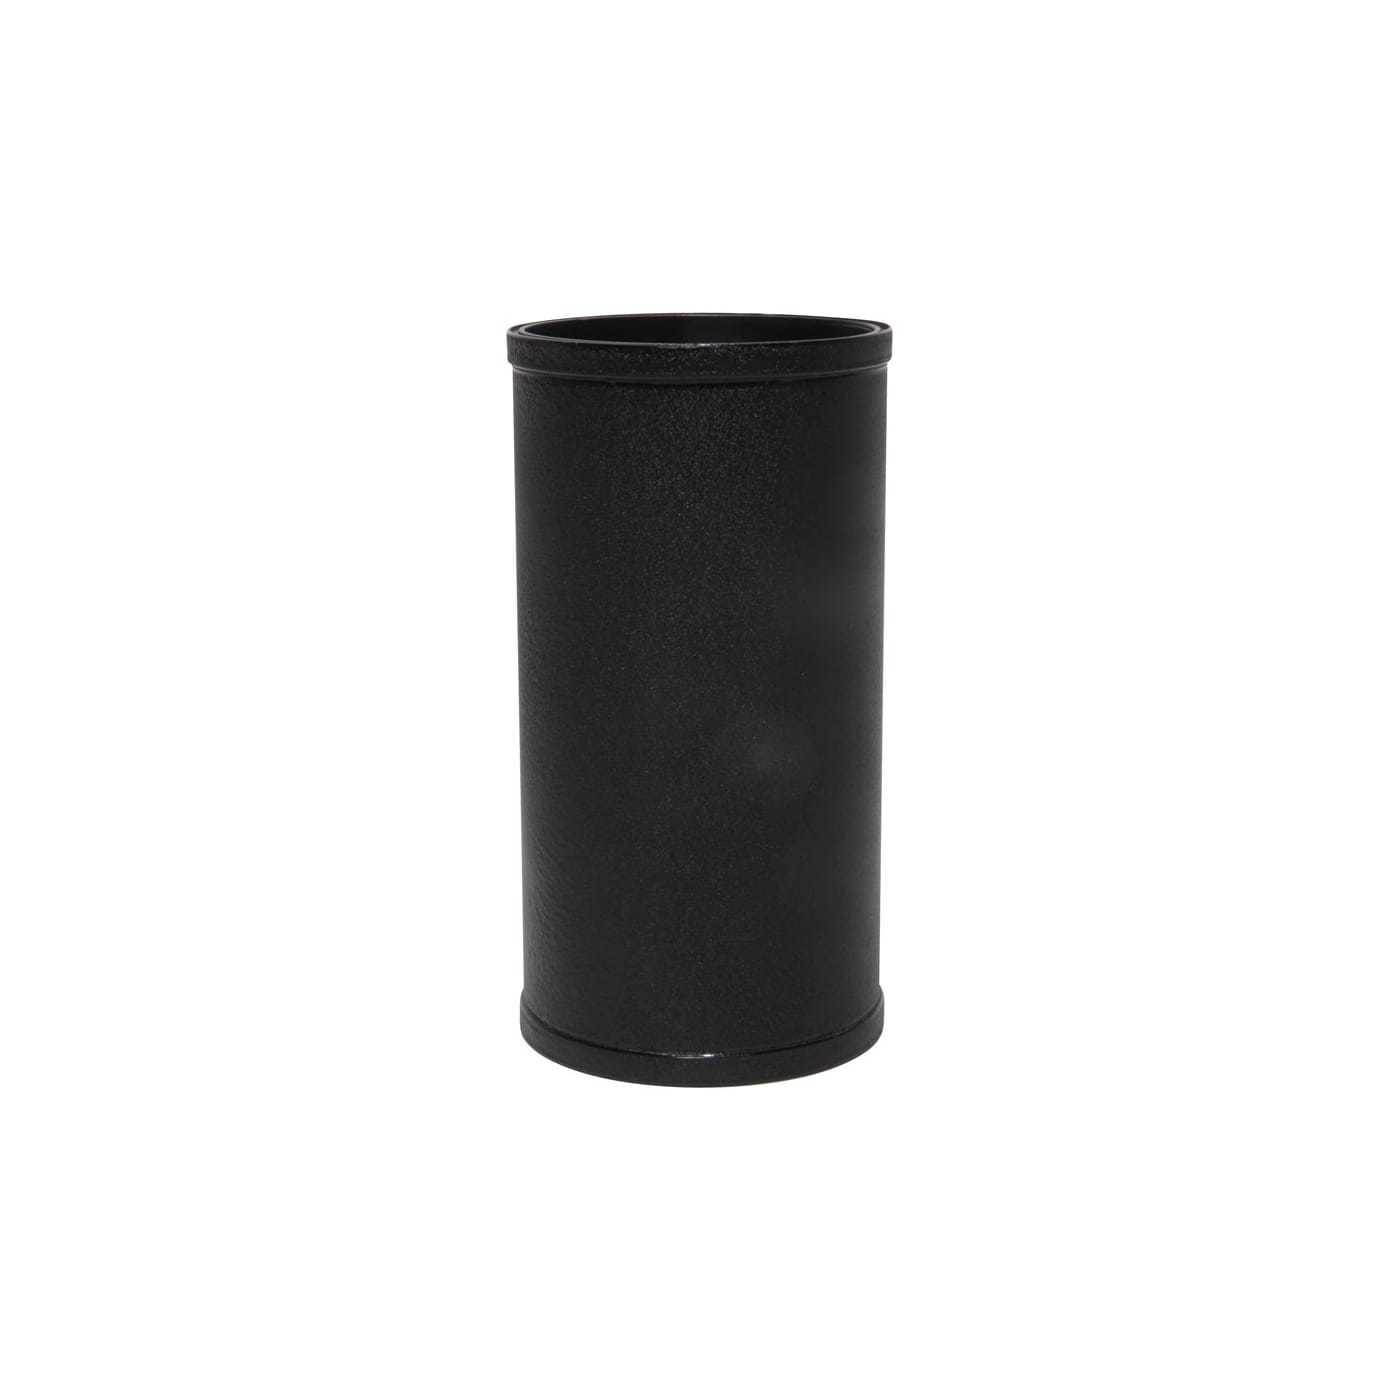 Spectre 3in OD x 6in Long Tube Black